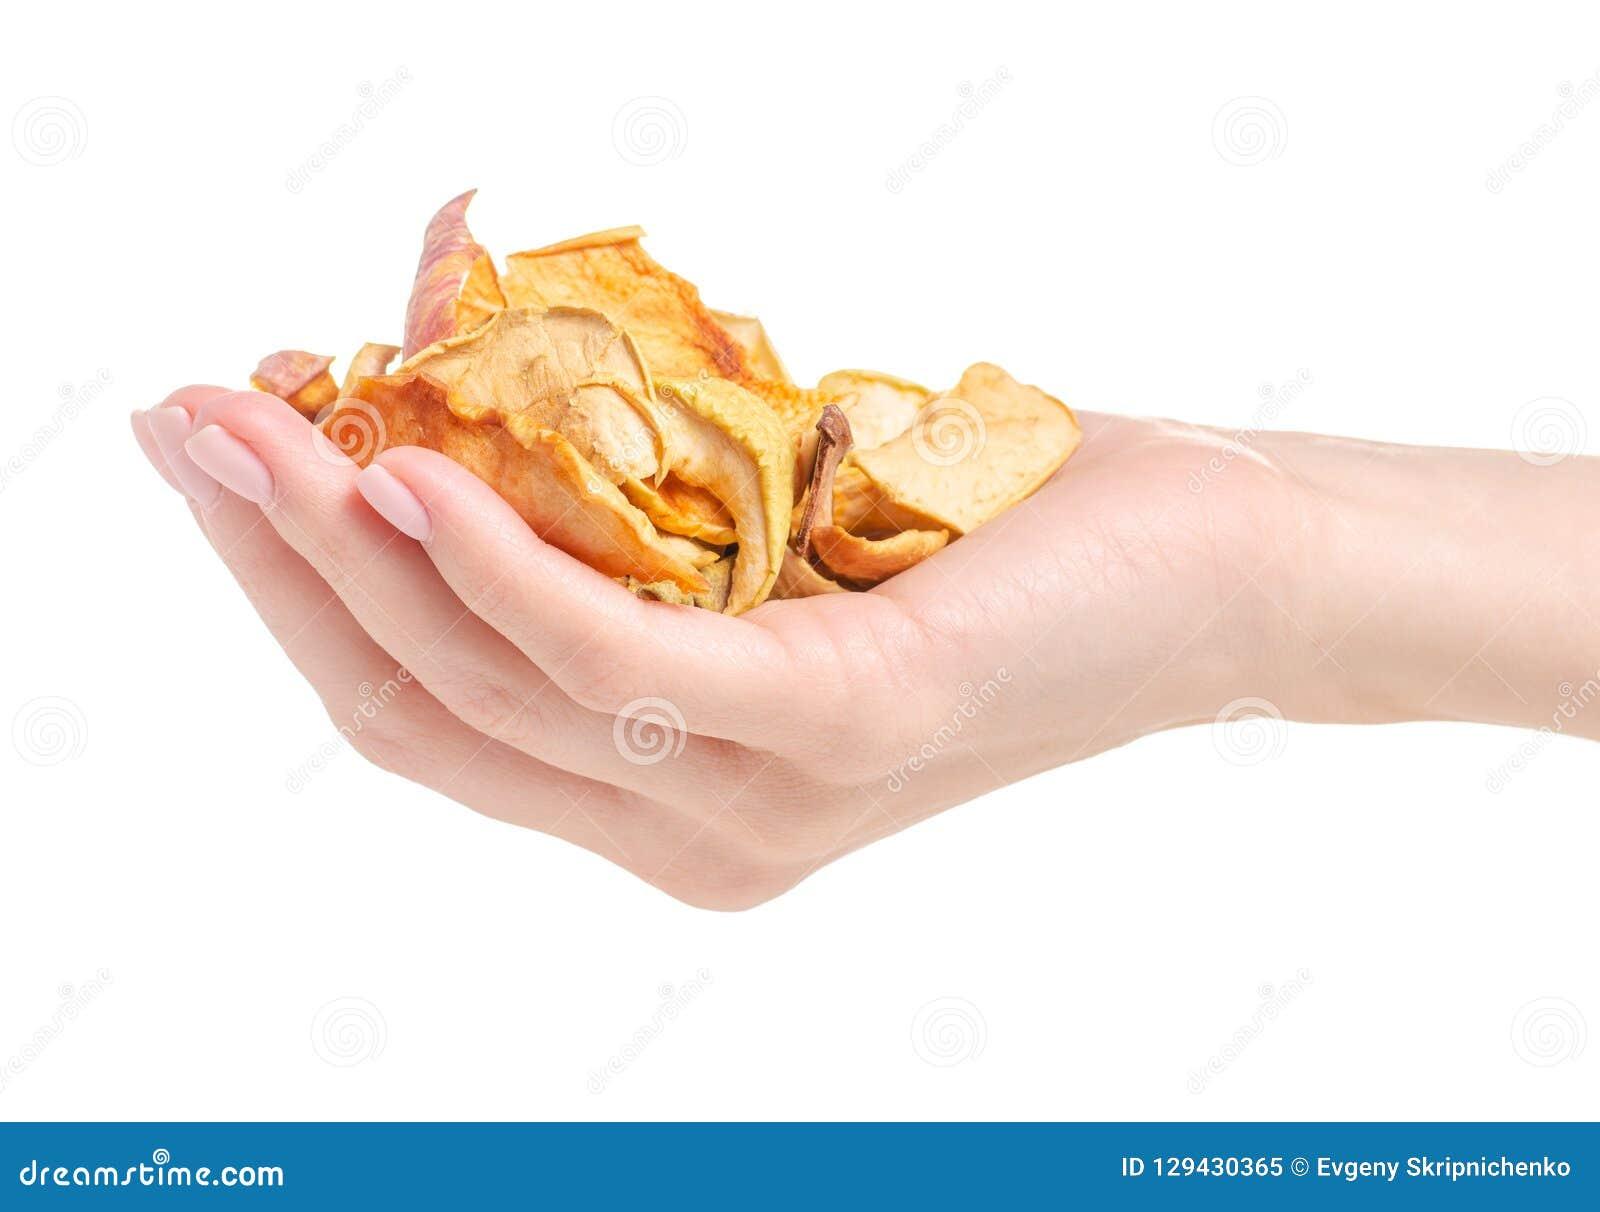 Trockenfrüchtechips in der Hand